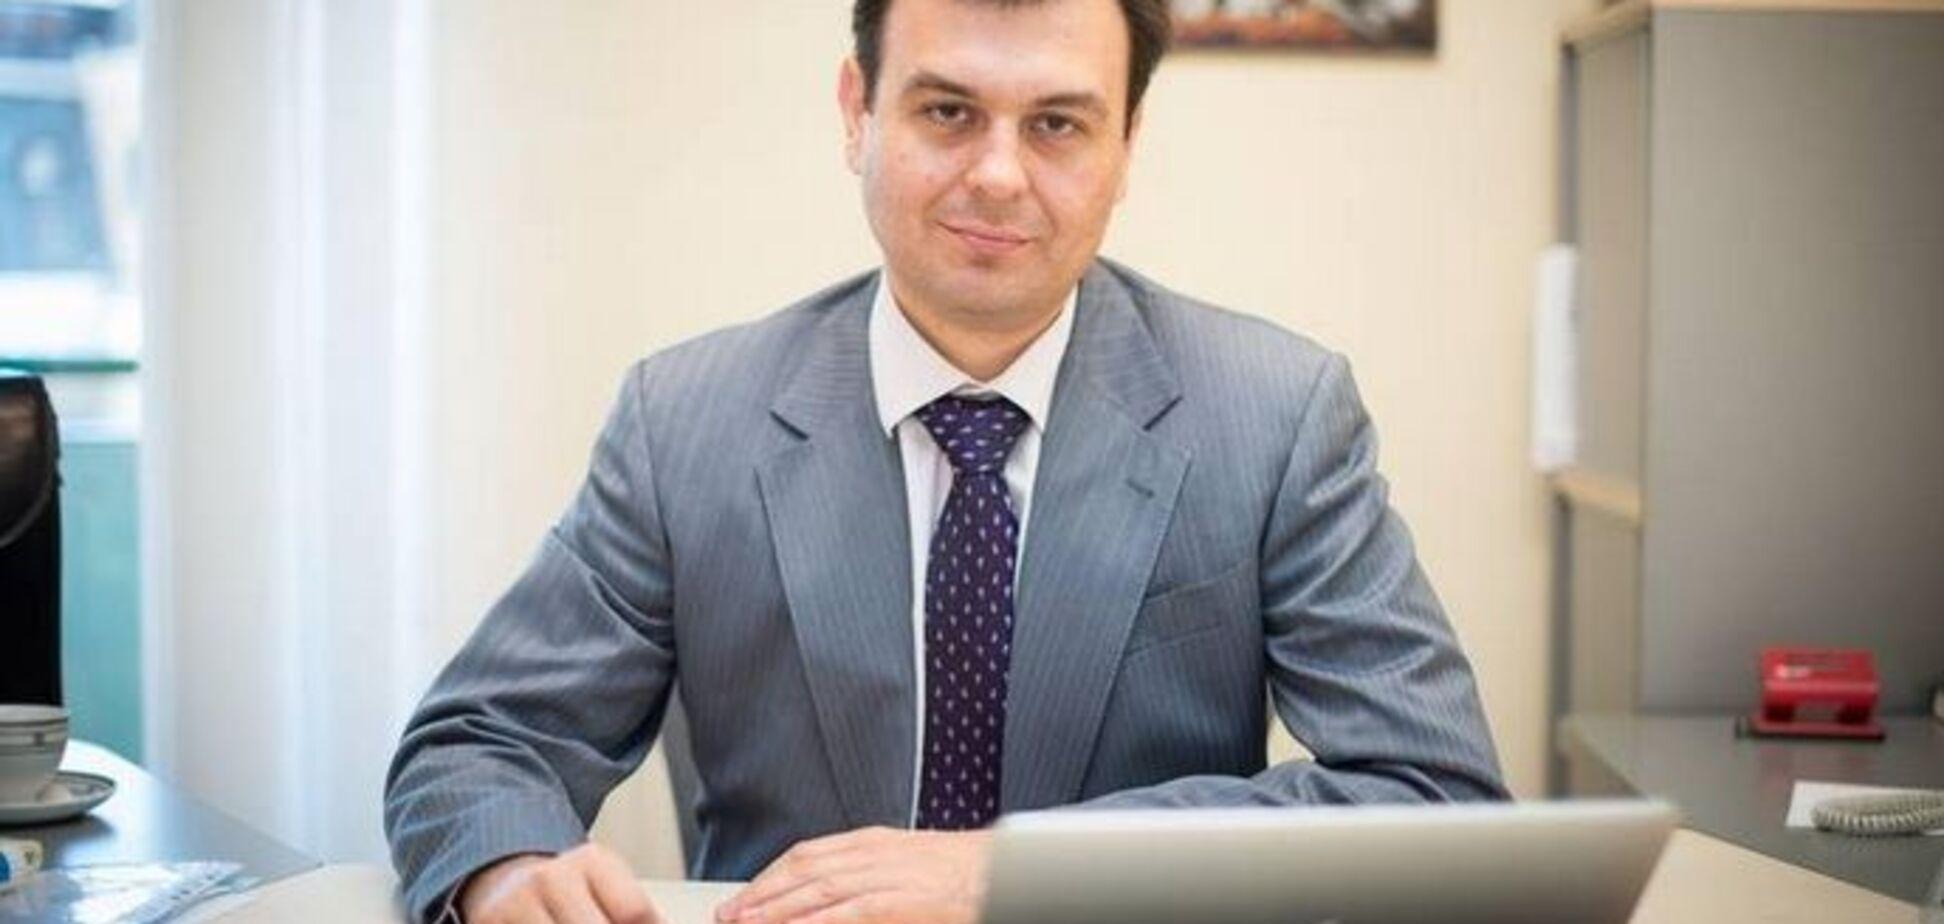 Команда Зеленского готовит реформу налоговой системы: в чем суть